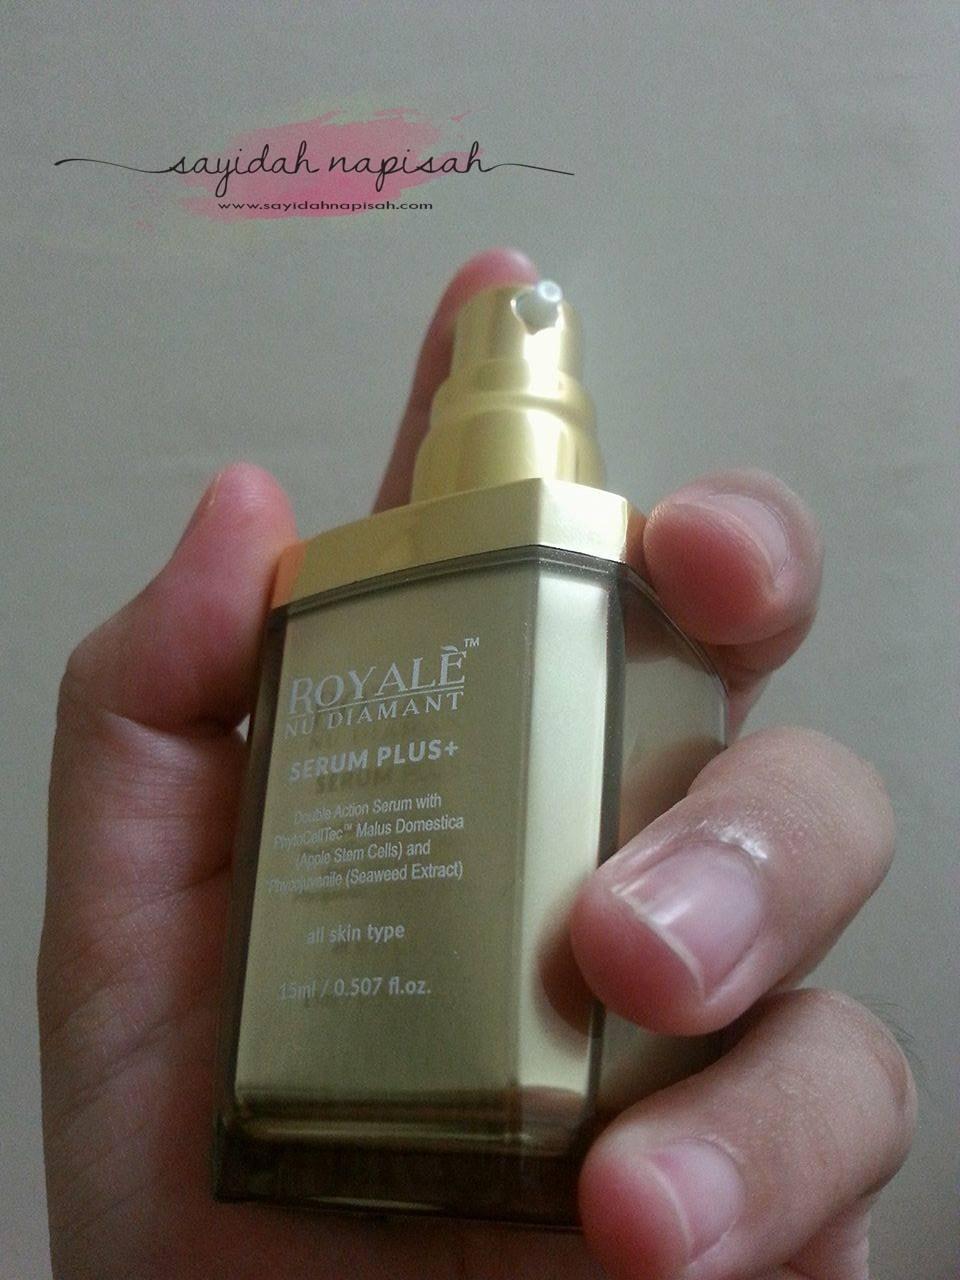 Royale Nu Diamant Serum Plus+ : Produk Terbaik Merawat Jeragat